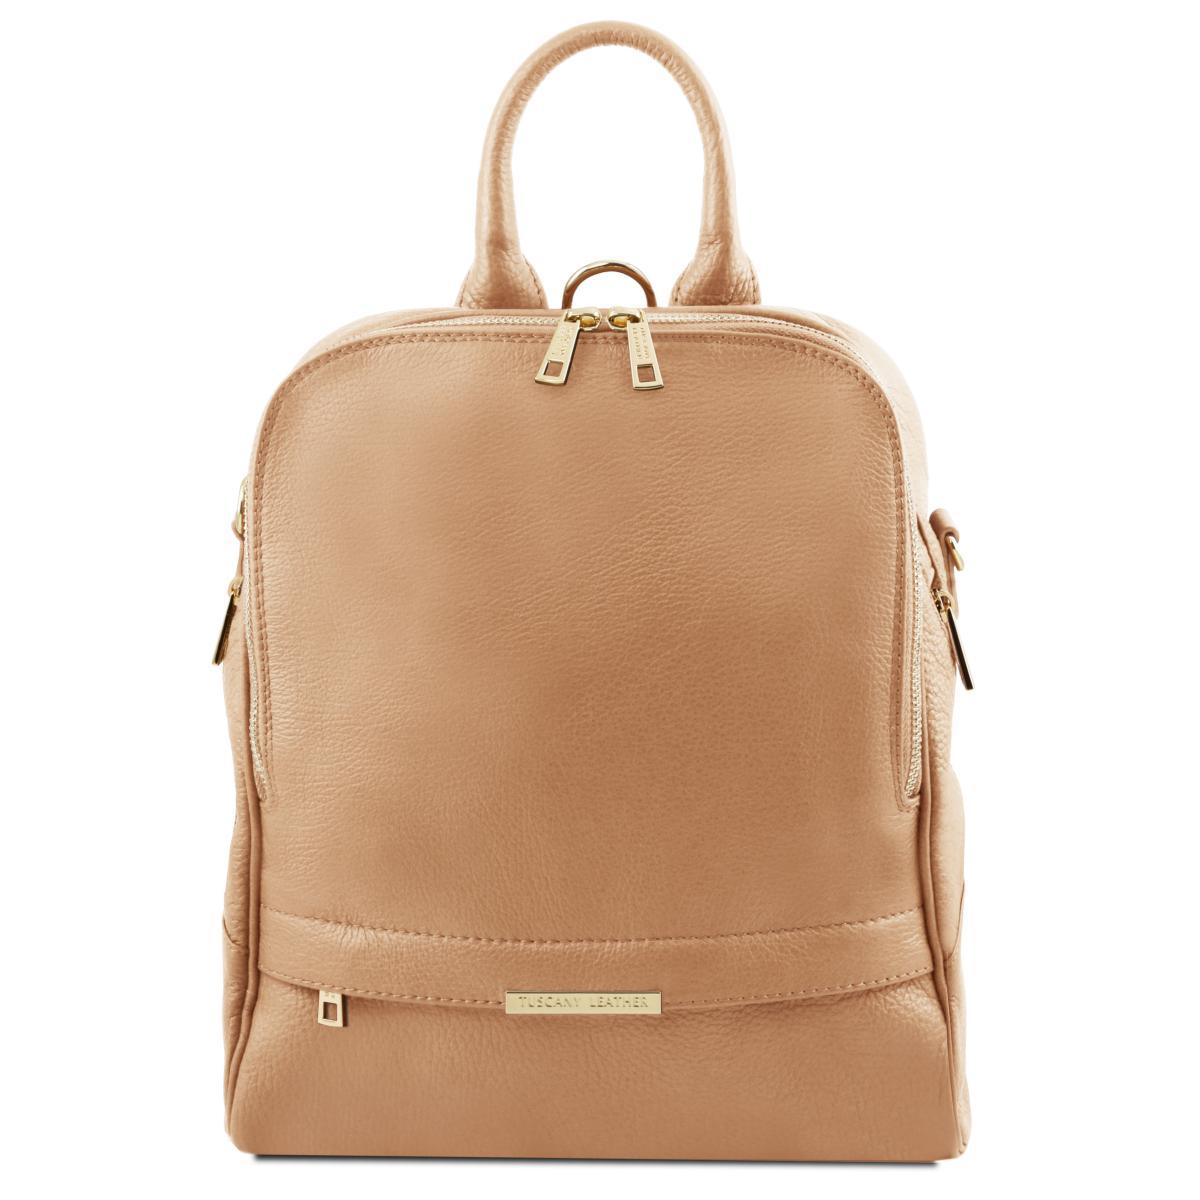 commercialisable le dernier diversifié dans l'emballage Sac à Dos Cuir Transformable Femme Beige - Tuscany Leather -